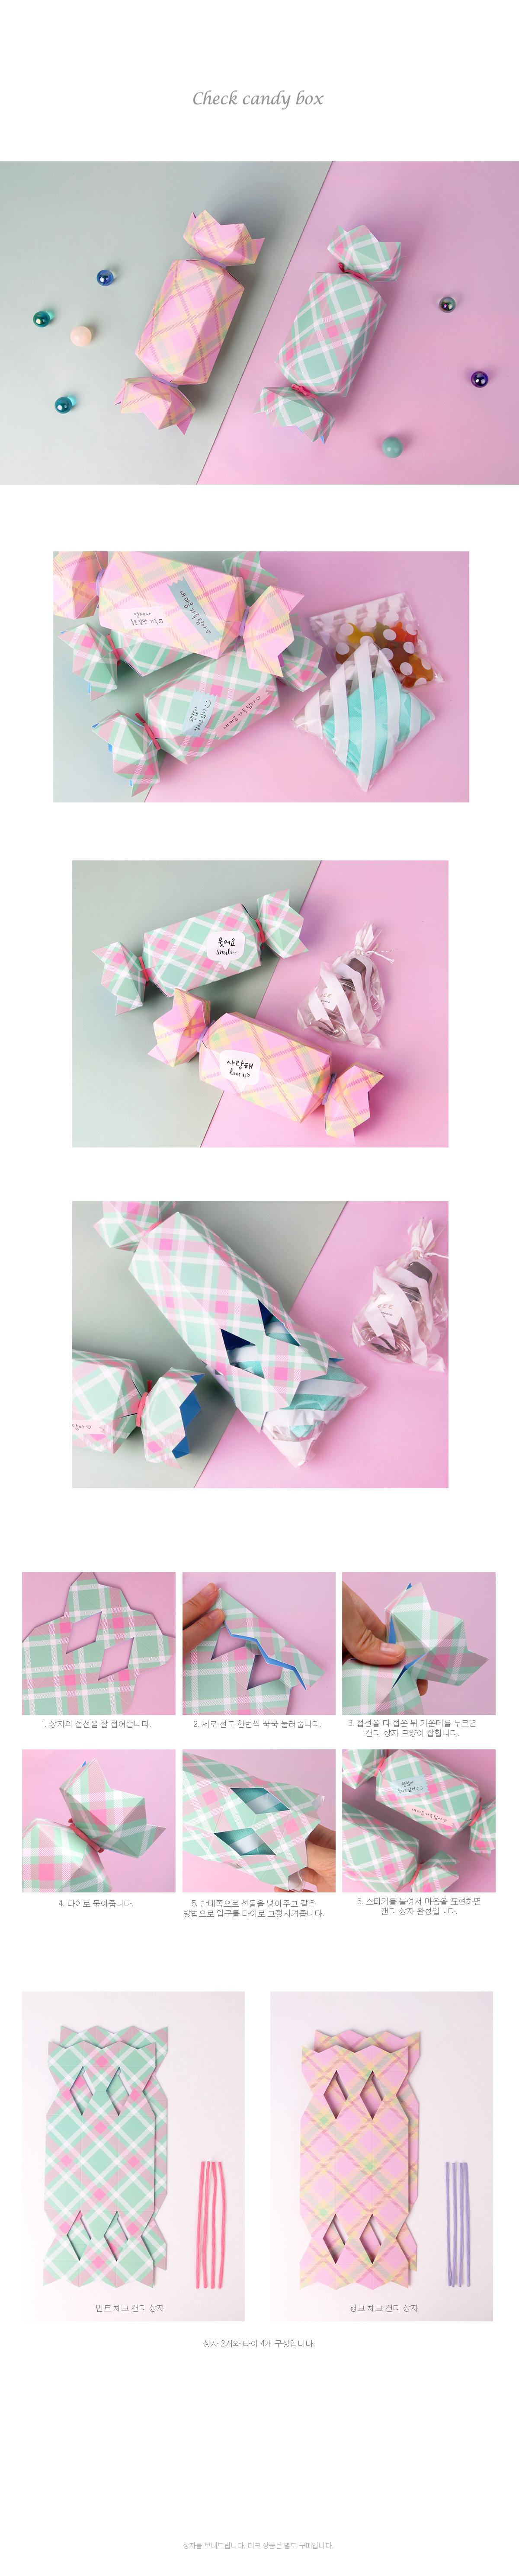 분홍빛 솜사탕 캔디상자 (2개) - 인디고샵, 1,300원, 상자/케이스, 심플